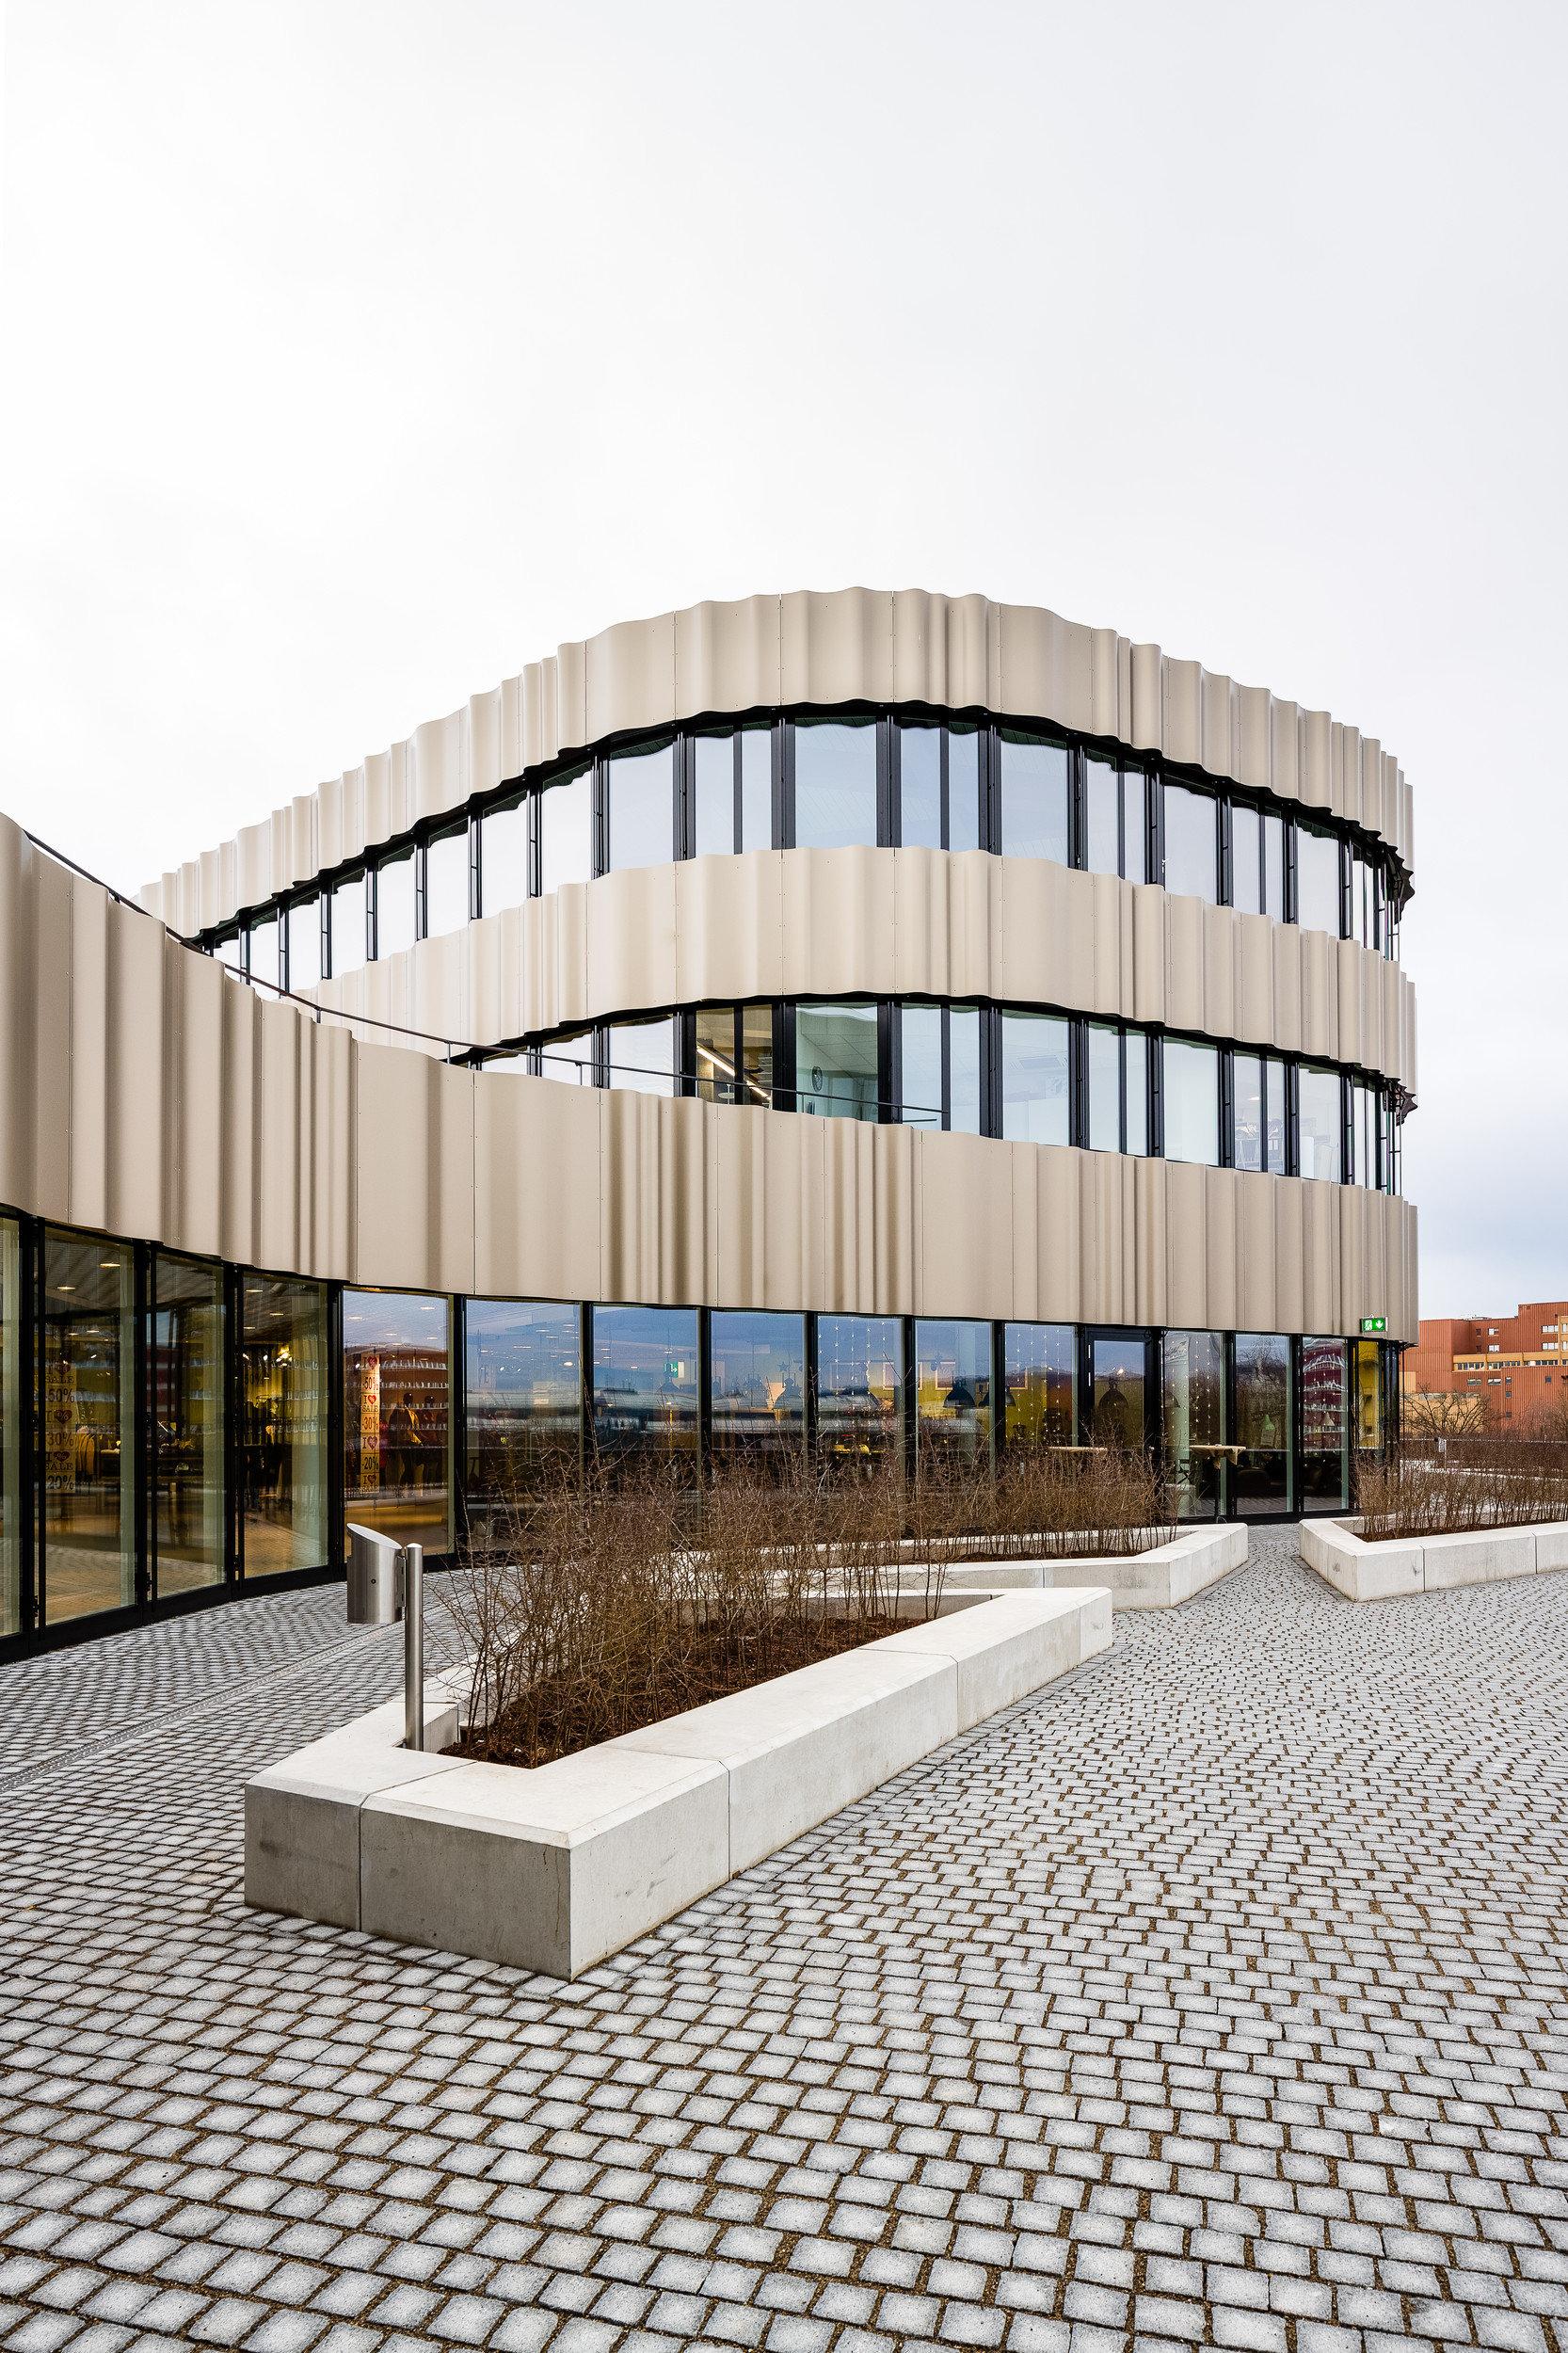 3-geschossiges Gebäude mit durchgehender Fensterfront